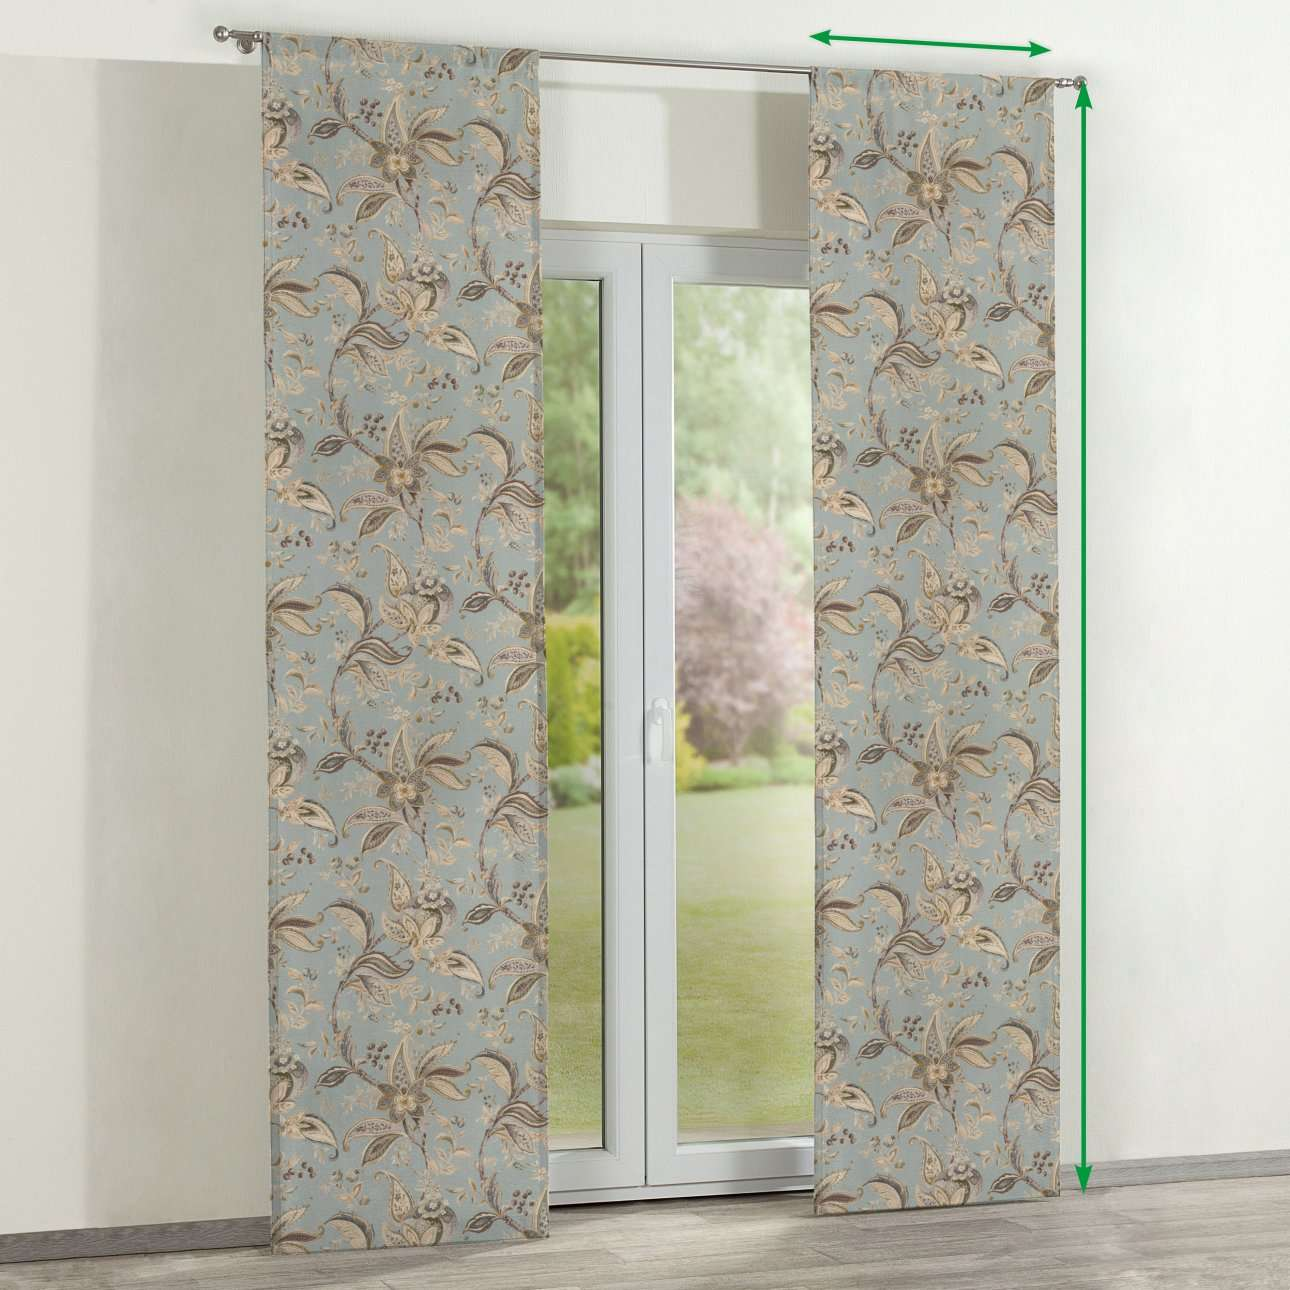 Panelové závesy 2 ks V kolekcii Gardenia, tkanina: 142-18